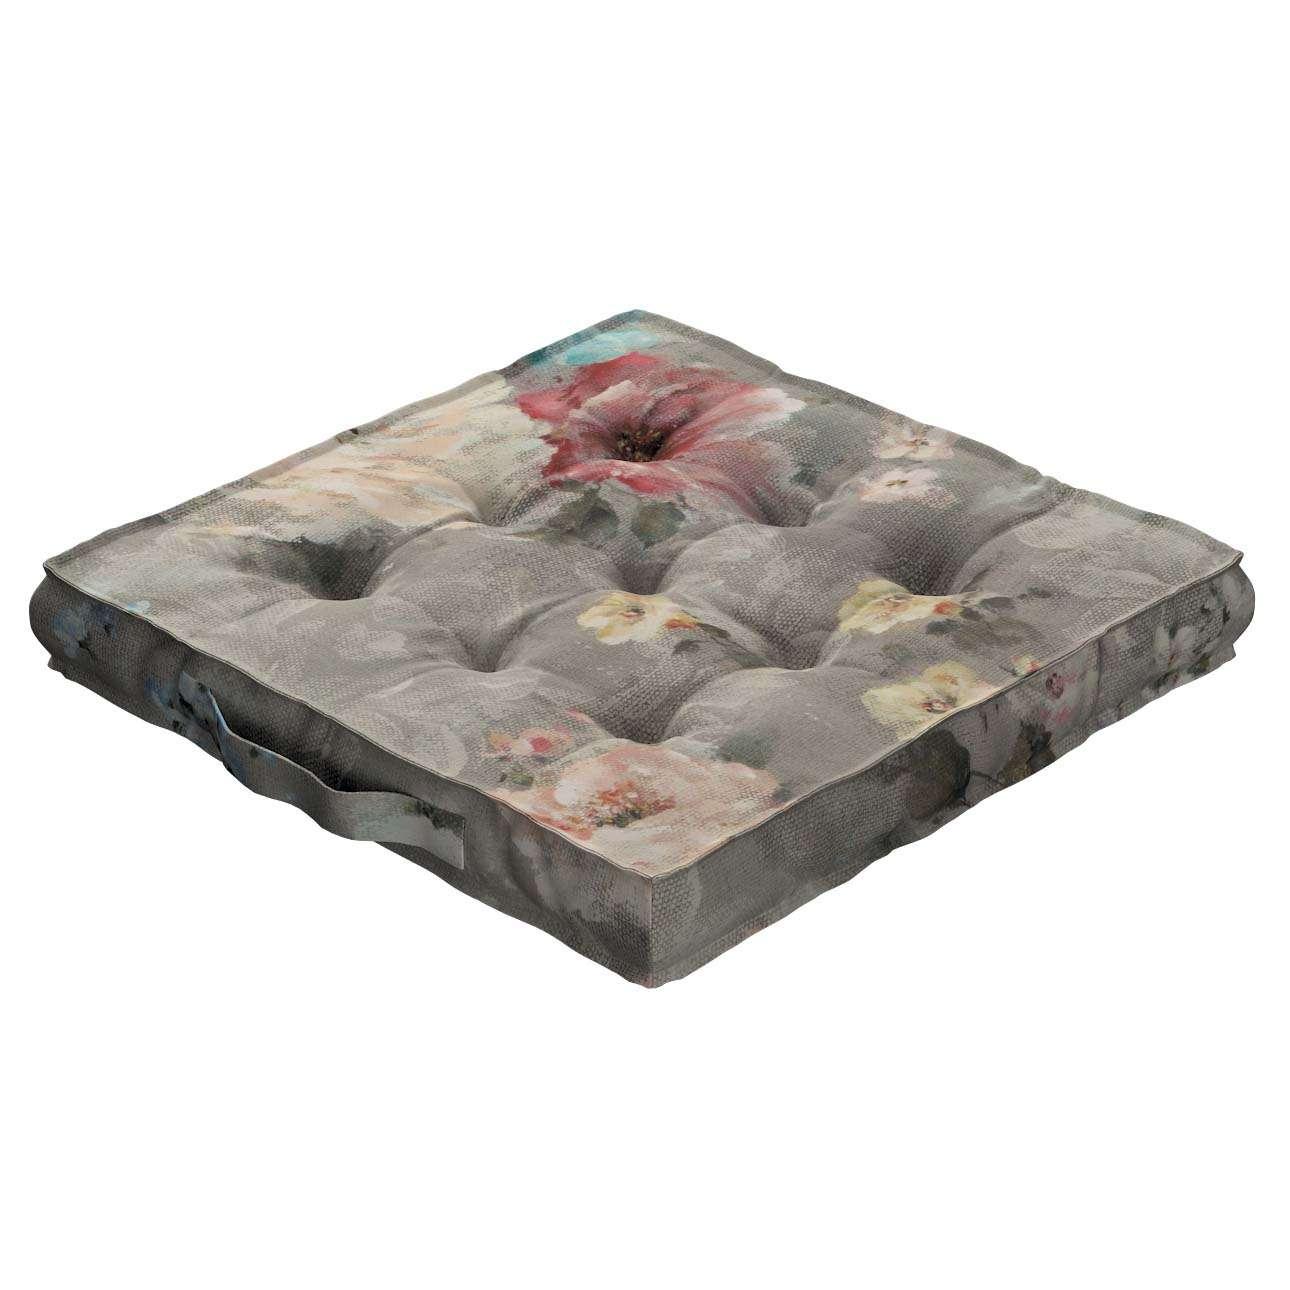 Pagalvėlė Kuba kėdei/ant grindų 40 x 40 x 6 cm kolekcijoje Monet, audinys: 137-81